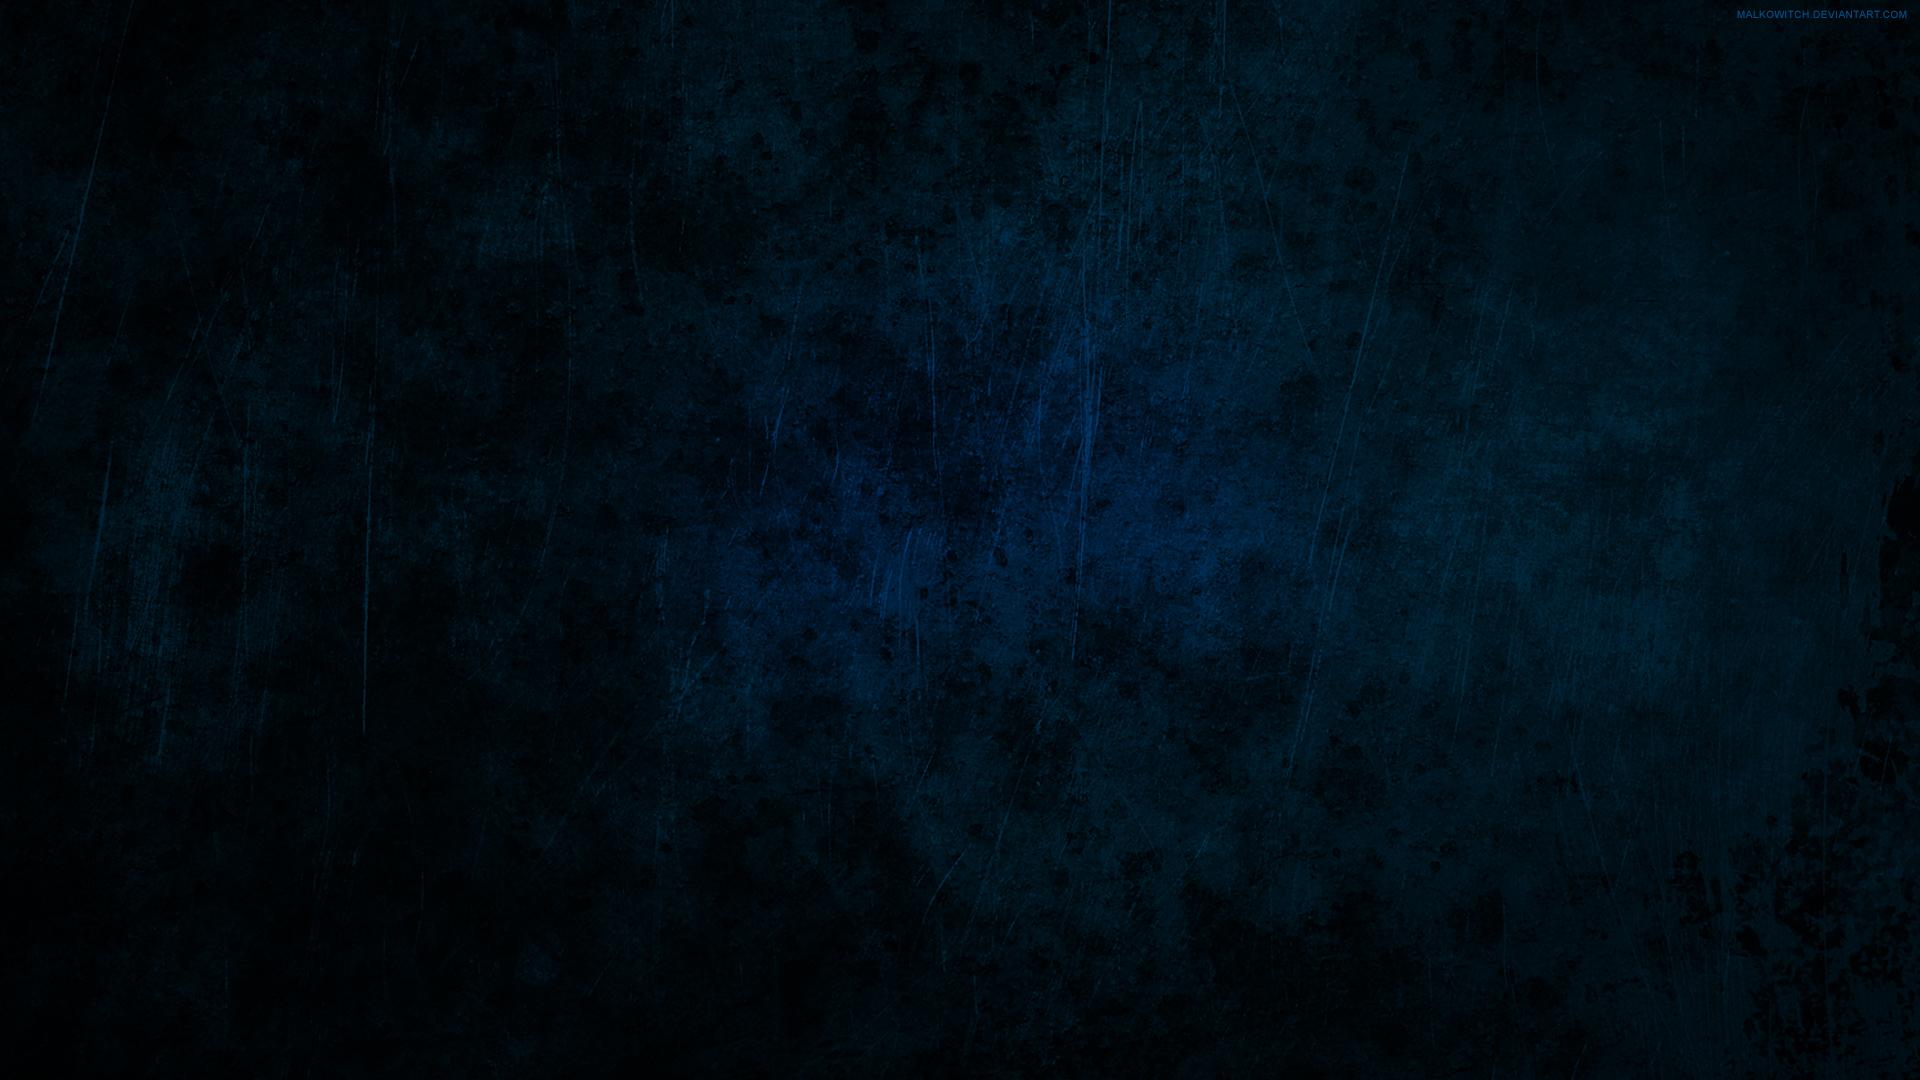 Dark Wallpapers HD download 1920x1080